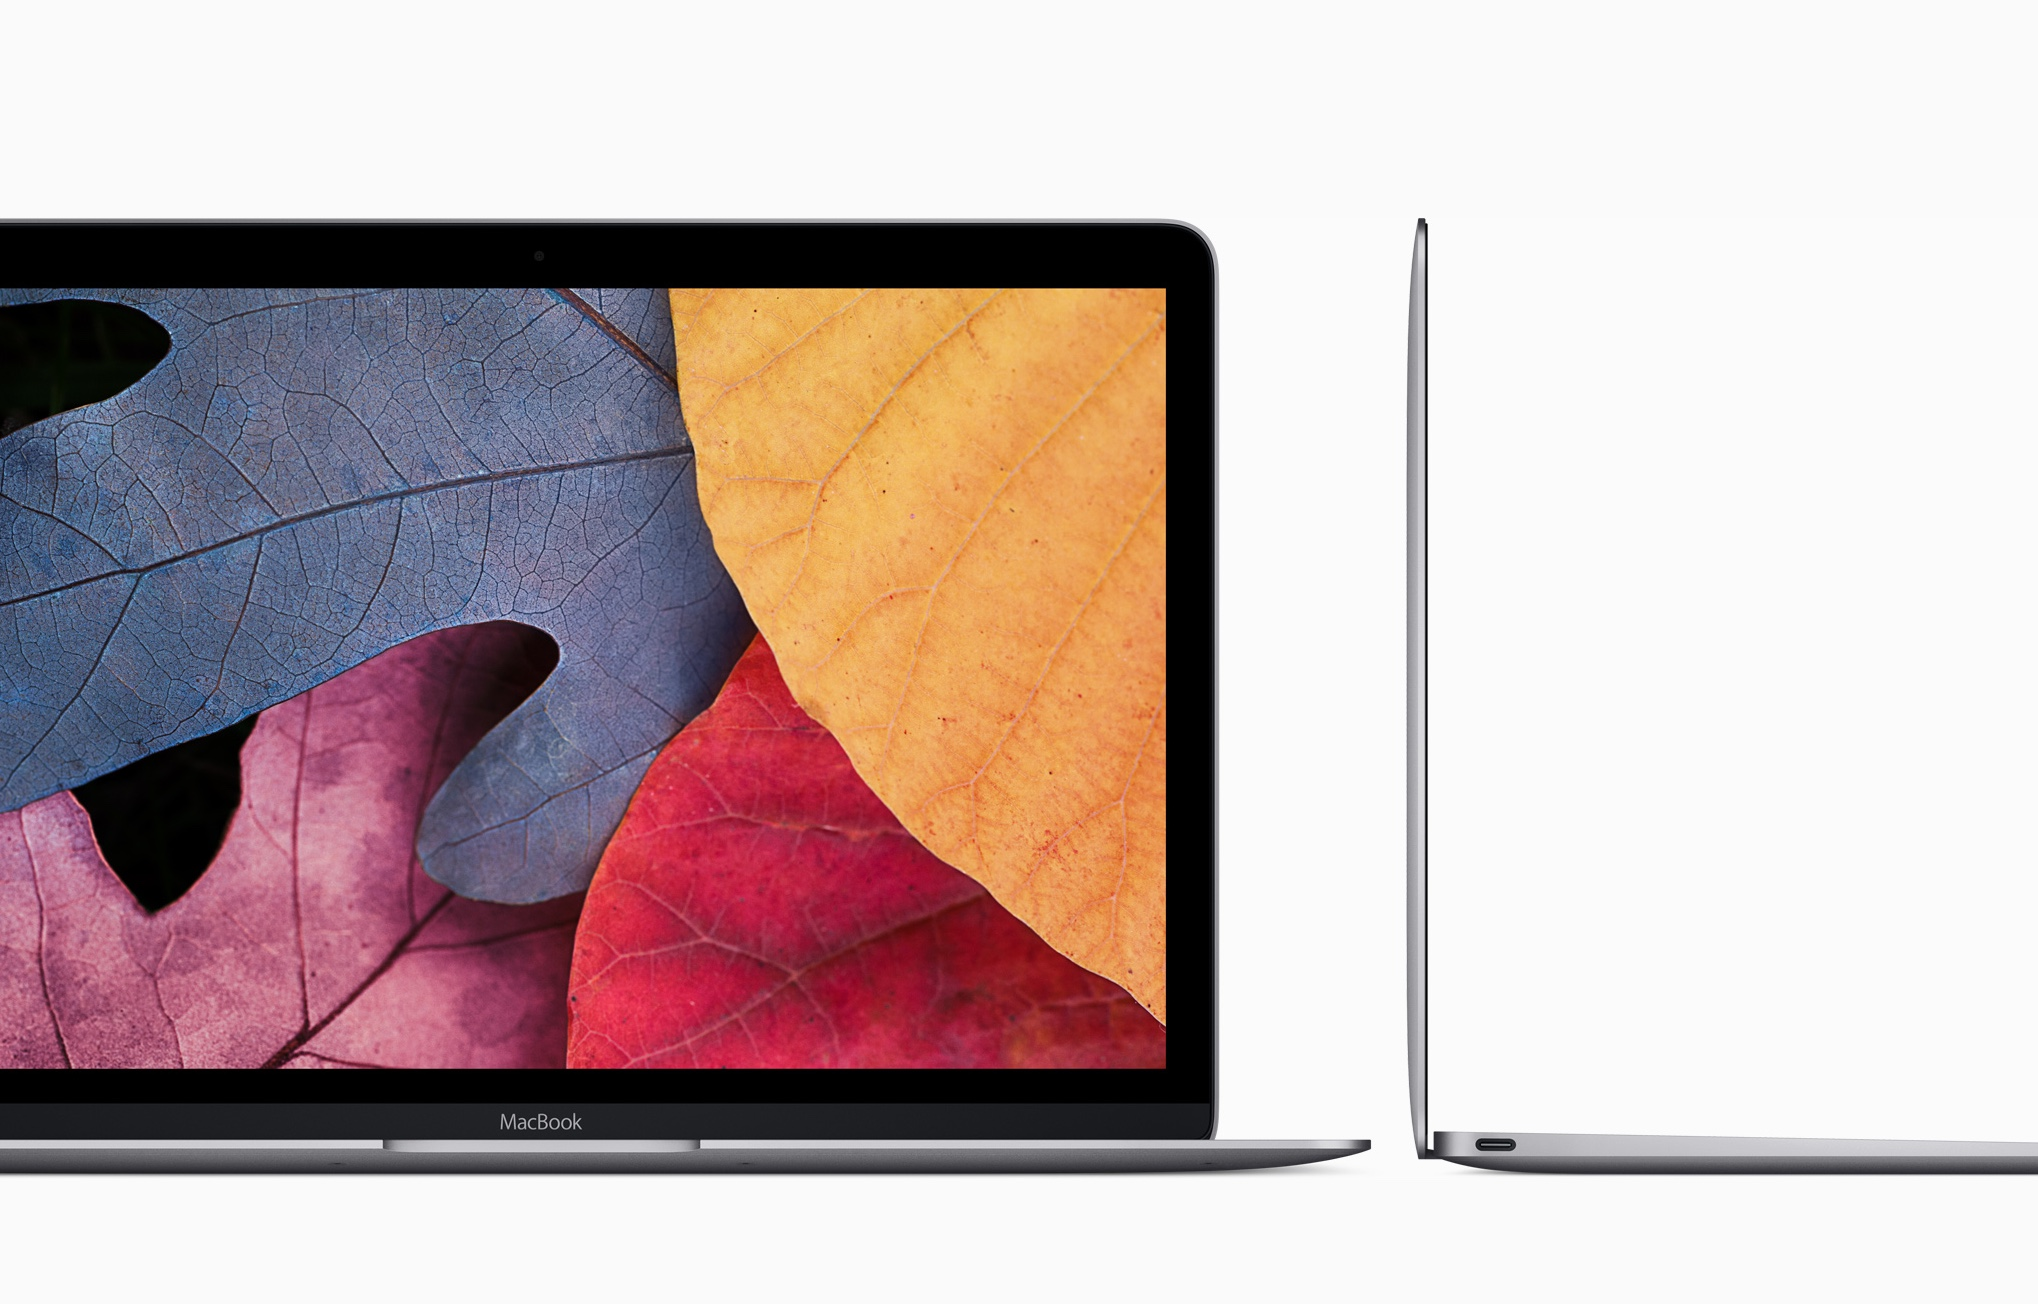 MacBook Airと比較してわかった12インチMacBookの優れている所、劣っている所